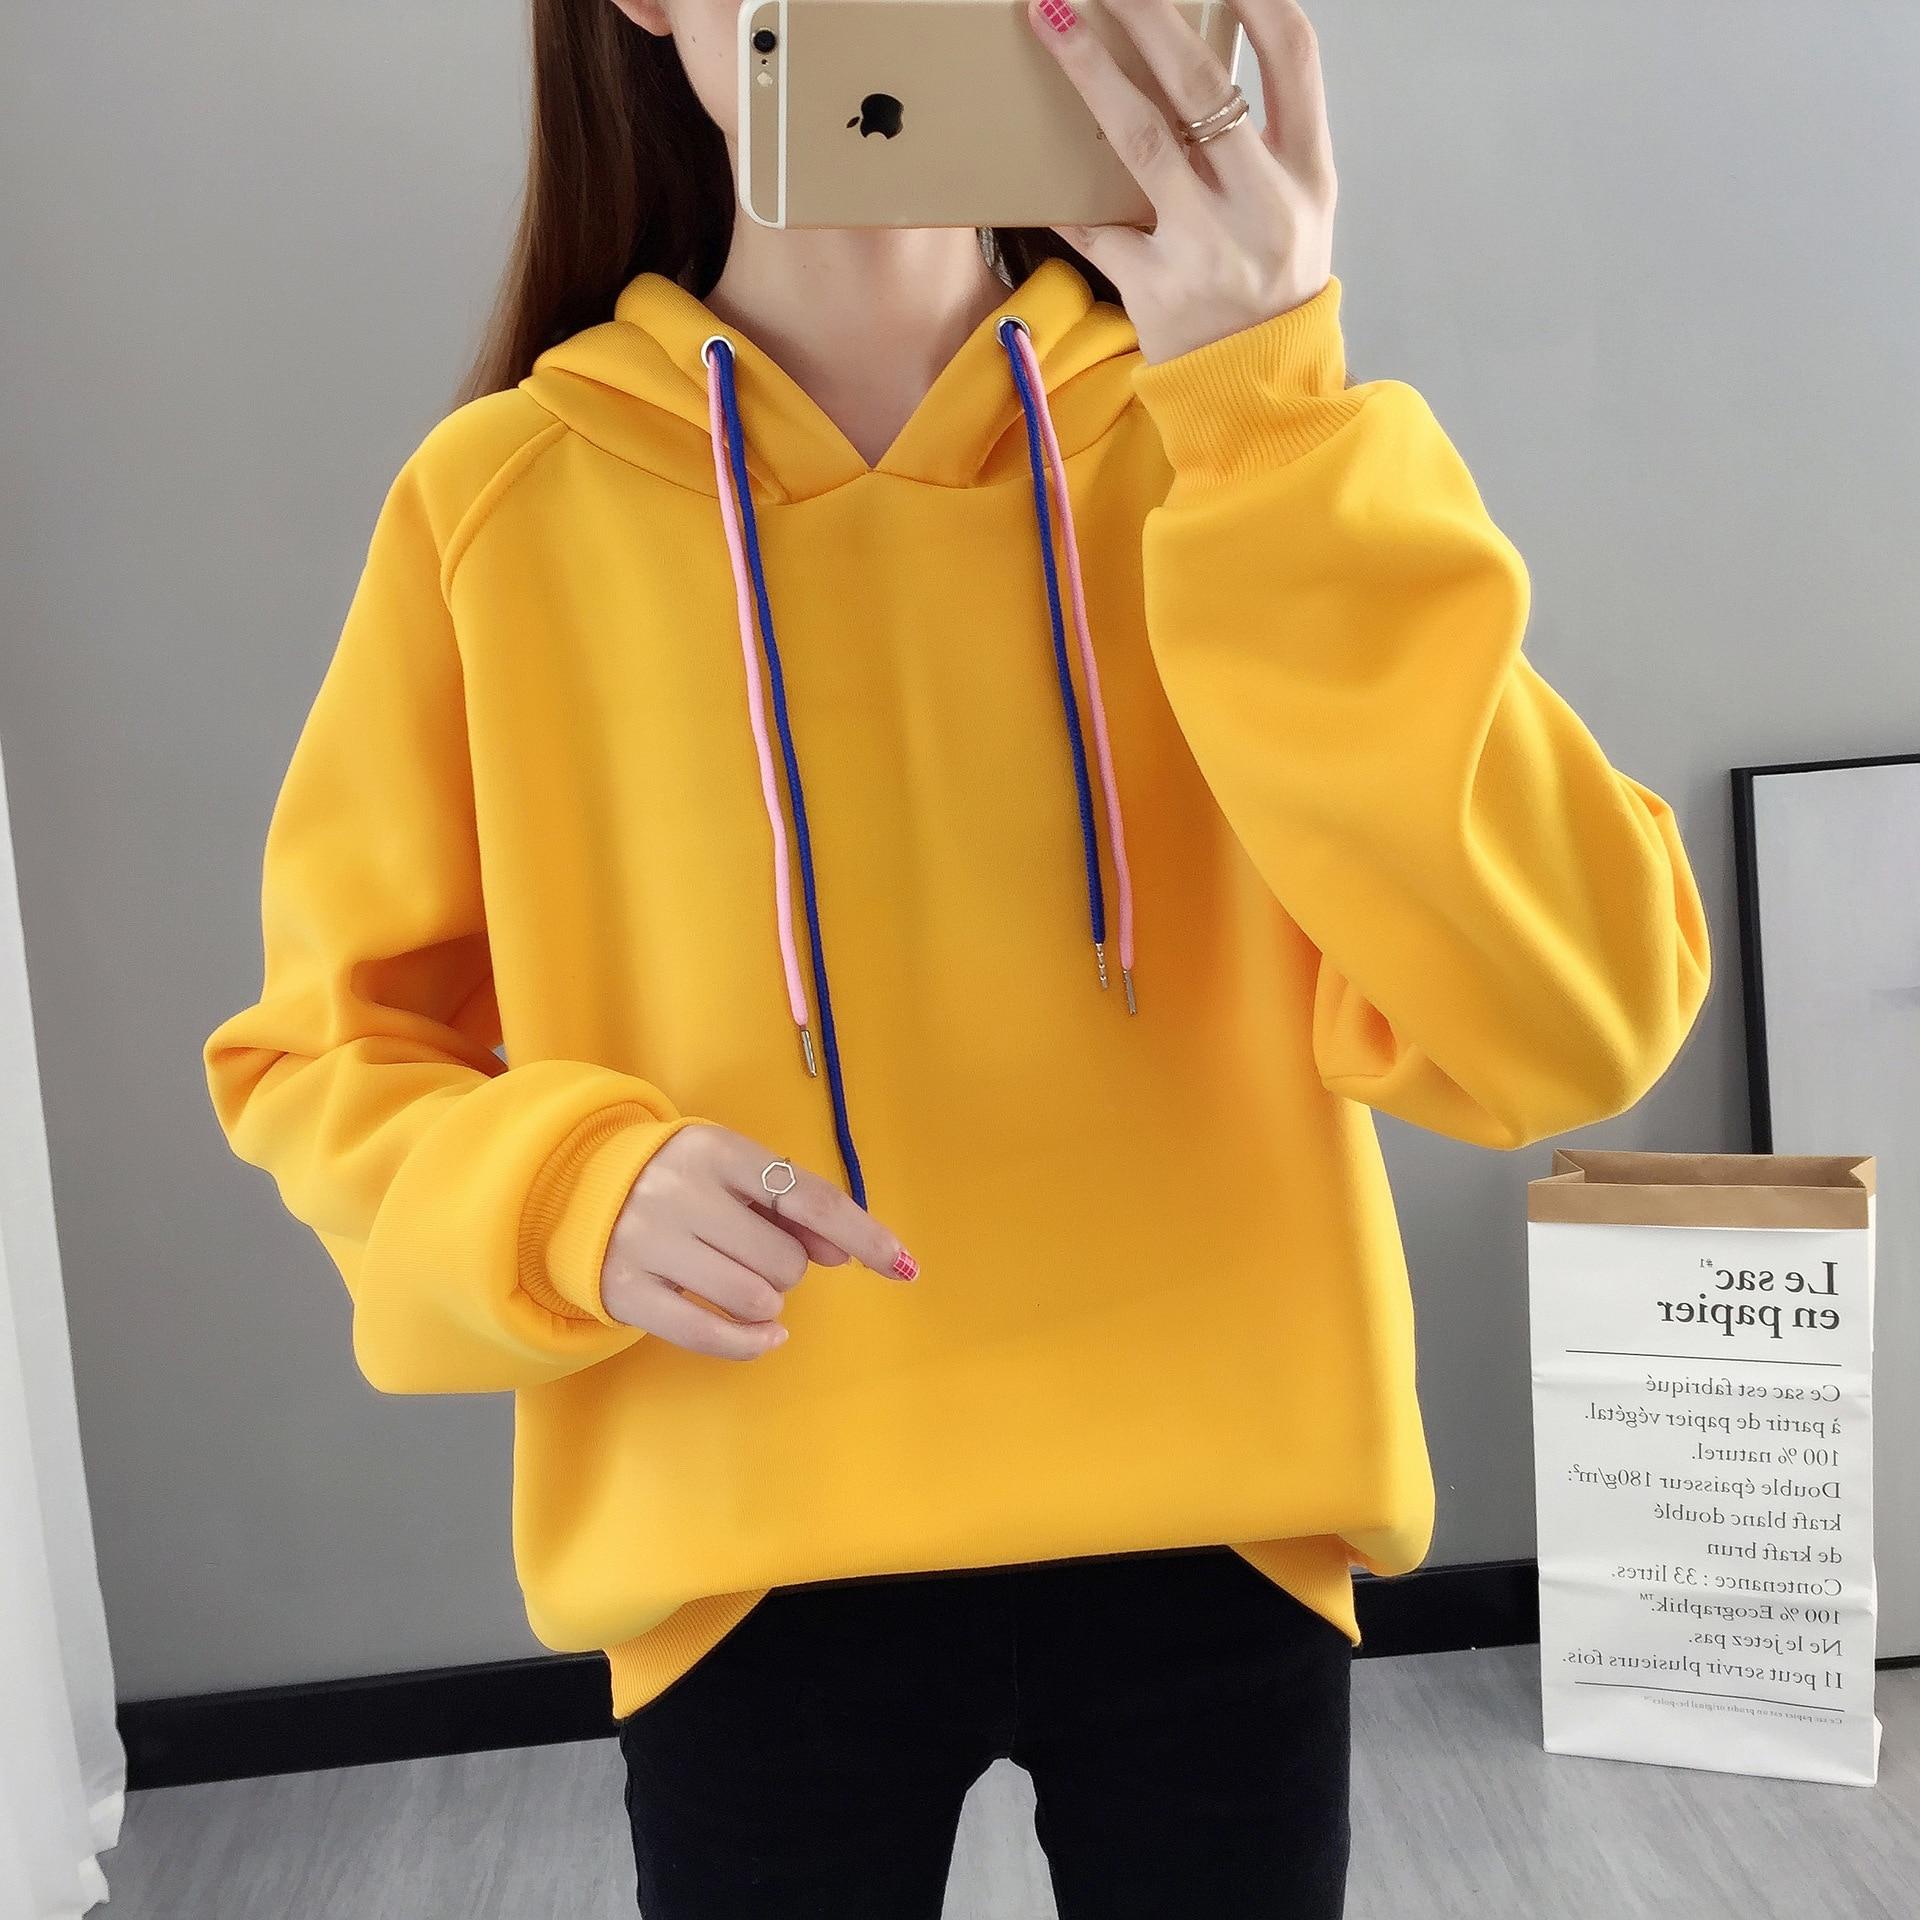 Hoodie Casual Cute Longsleeve Sweatshirt Pullover With Ears M-XXL Ladies Top Sweatershirt